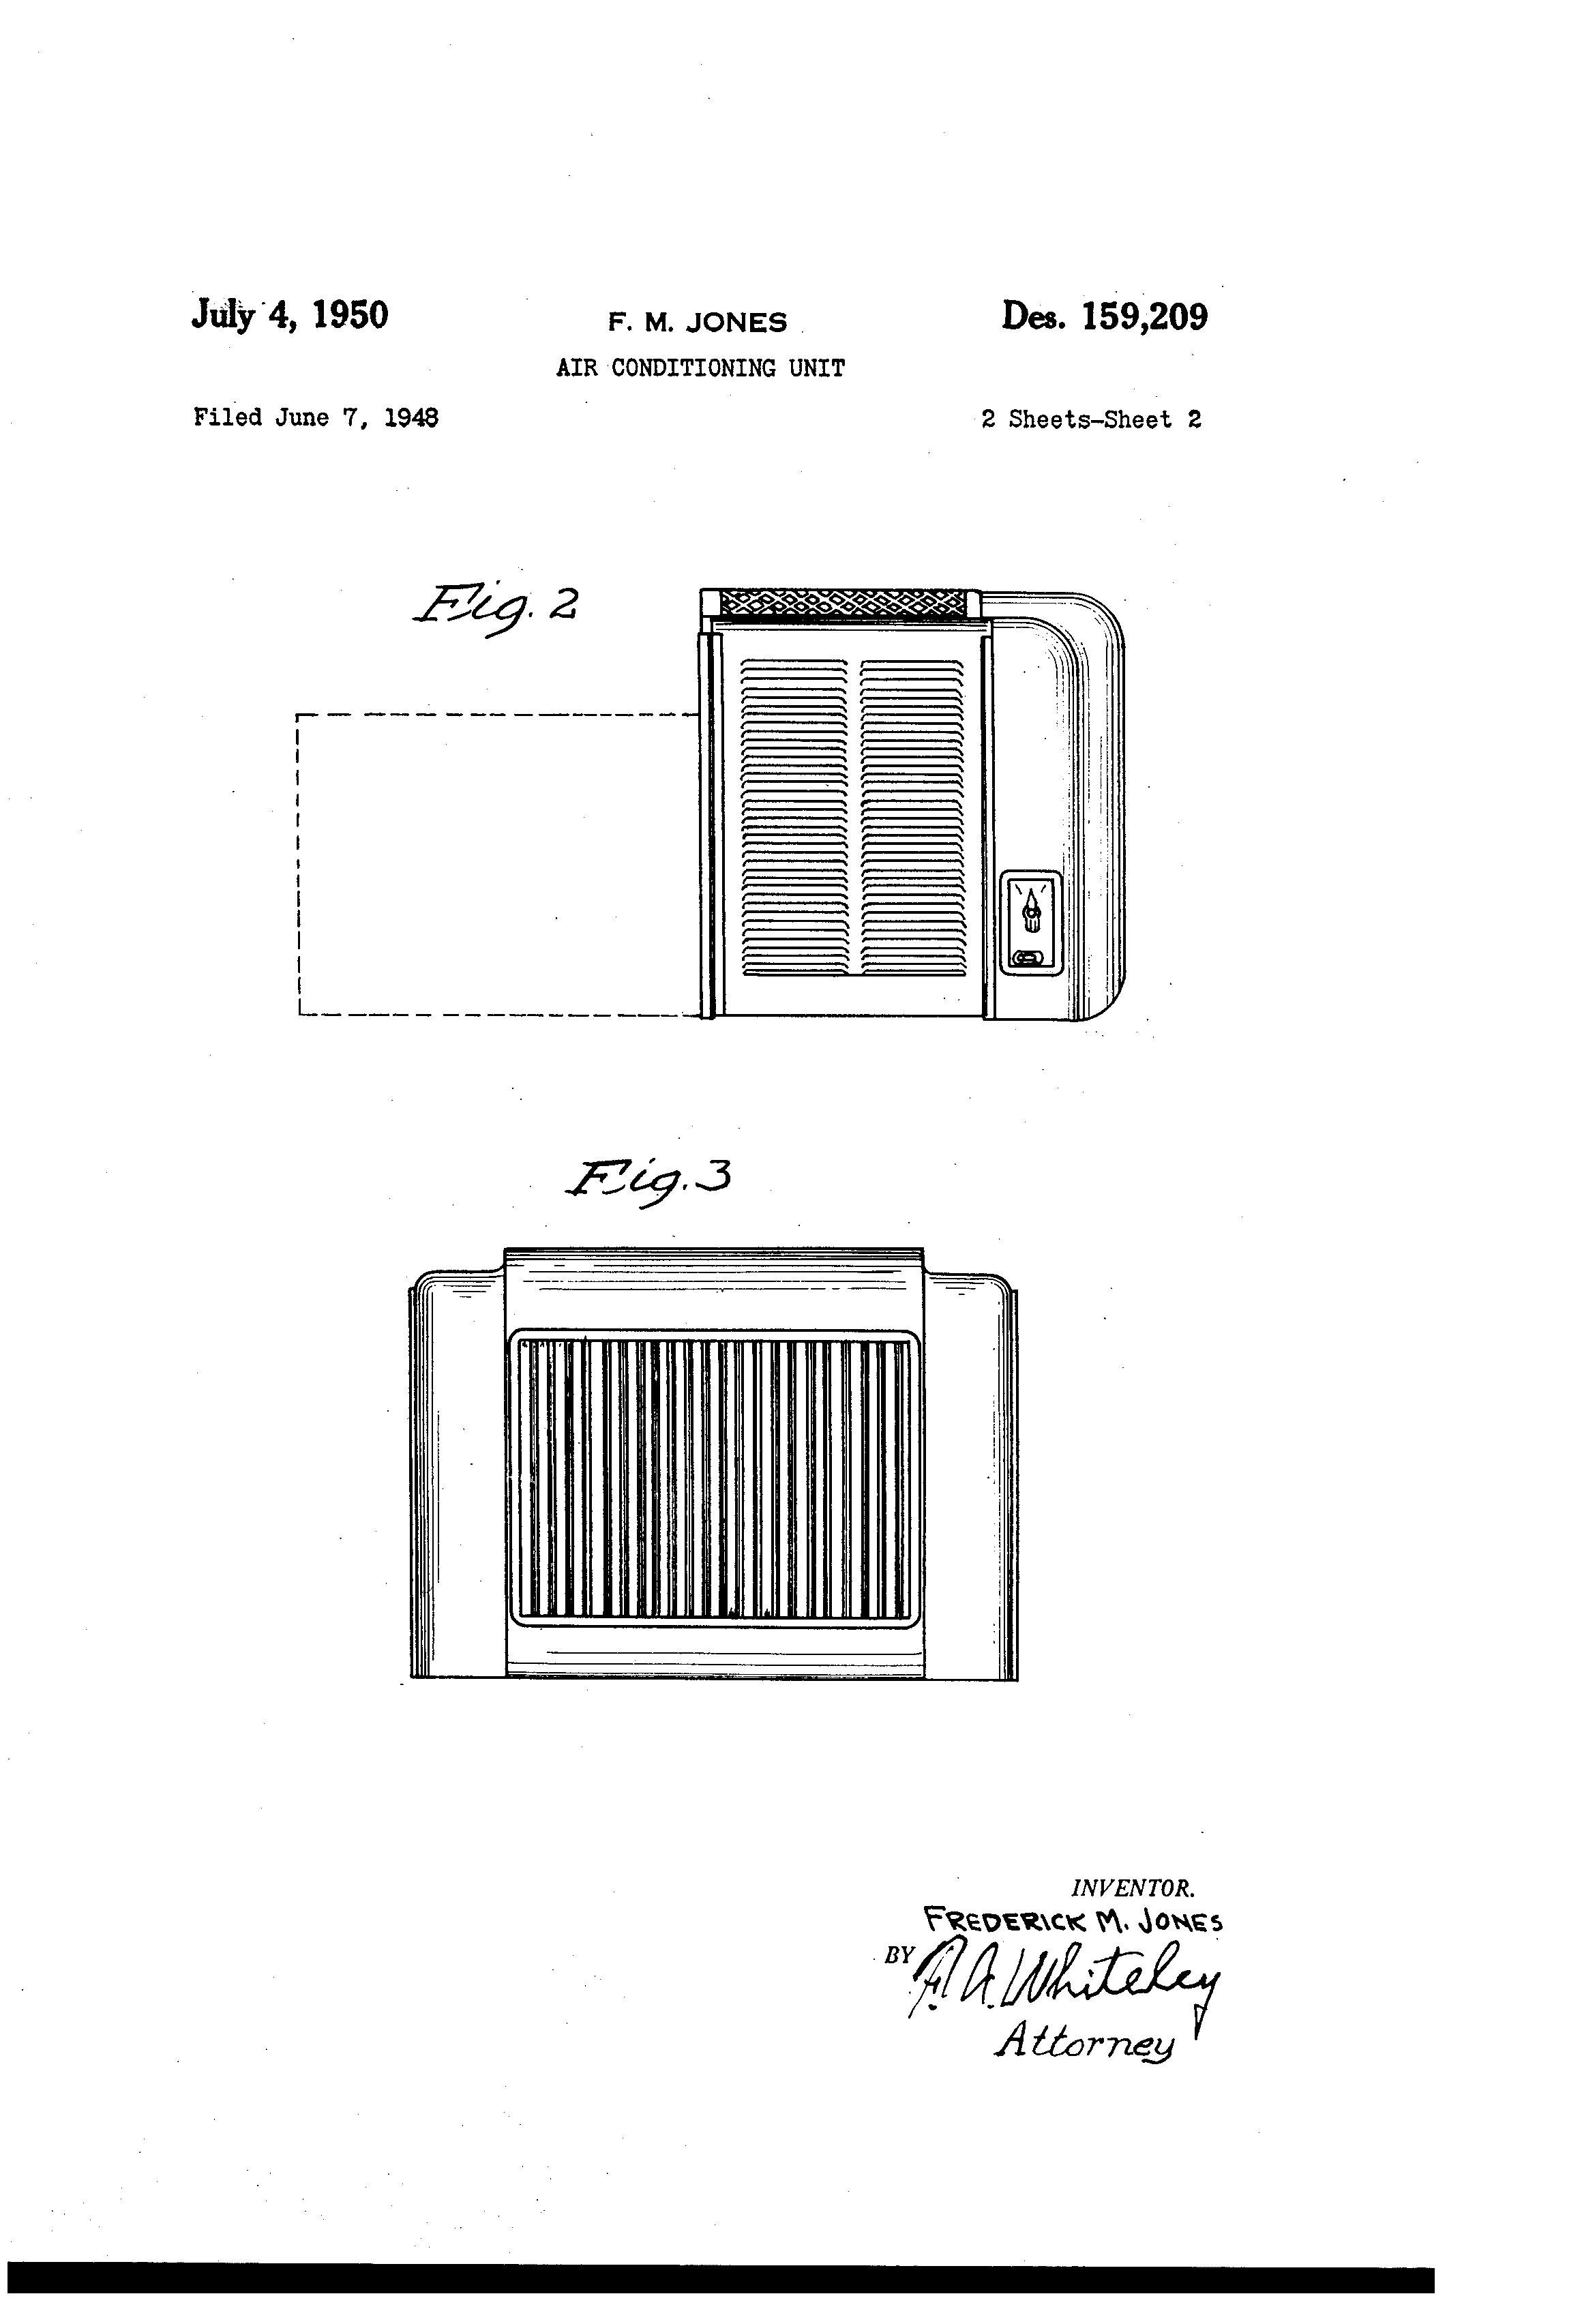 patent usd159209 - jones air conditioning unit